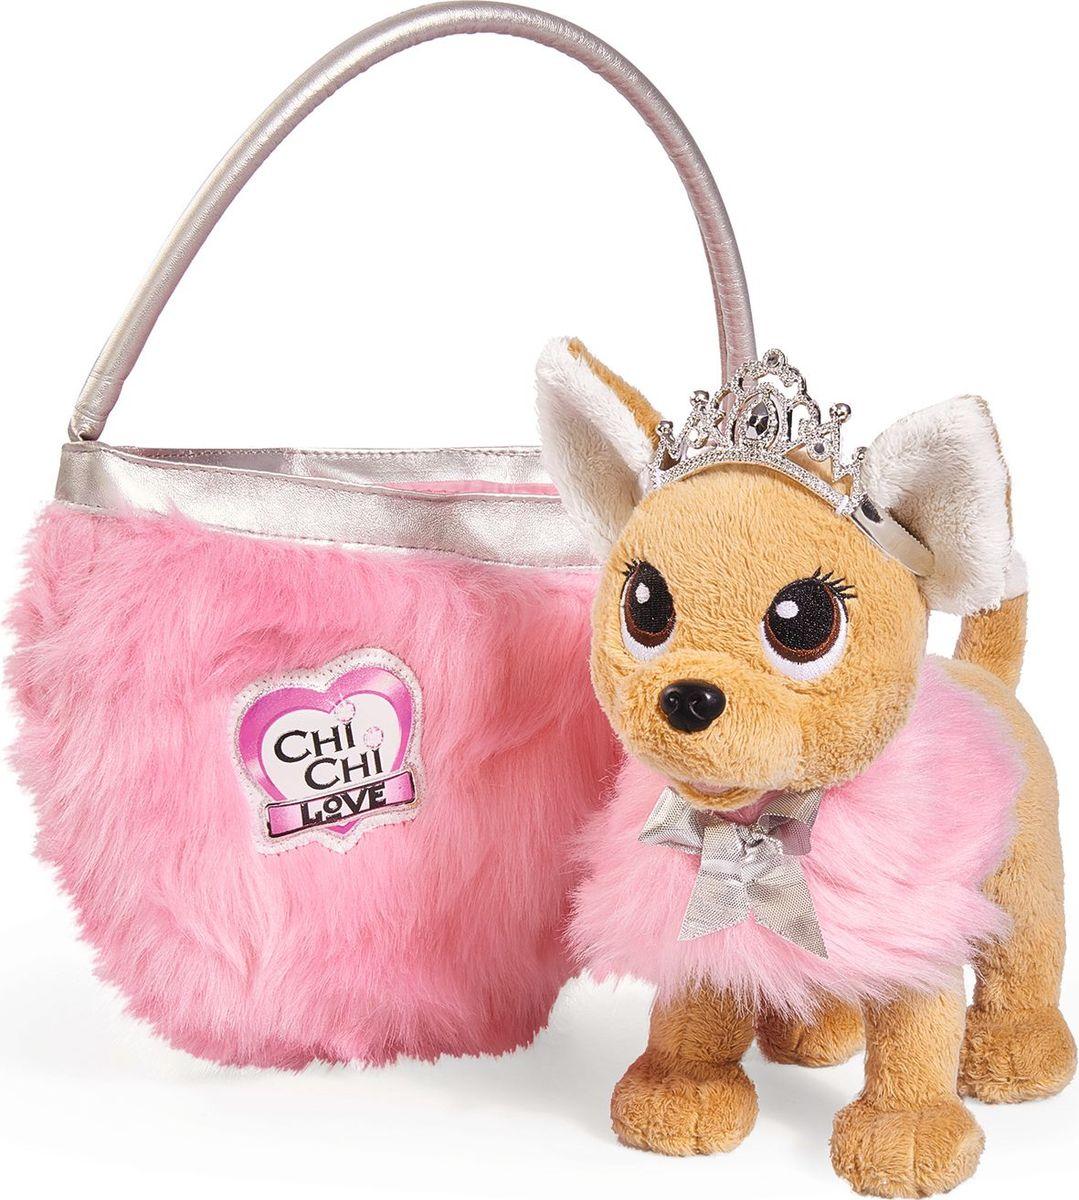 Simba Мягкая игрушка Собачка Принцесса с сумкой simba simba плюшевая собачка chi chi love путешественница с сумкой переноской 20см